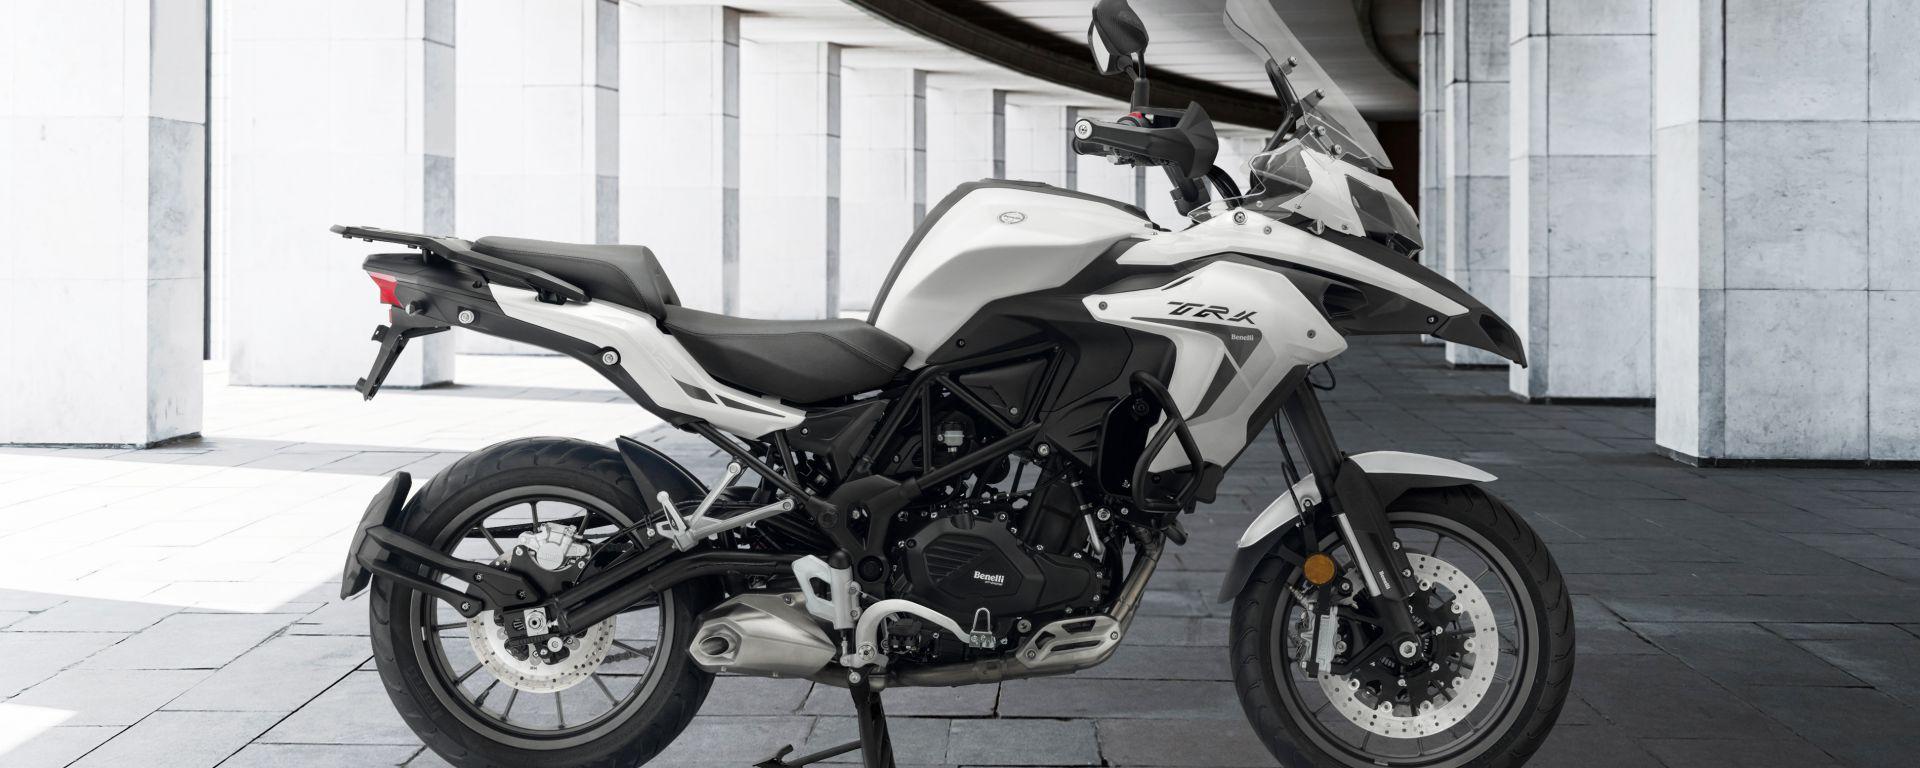 Benelli presenta le nuove TRK 502